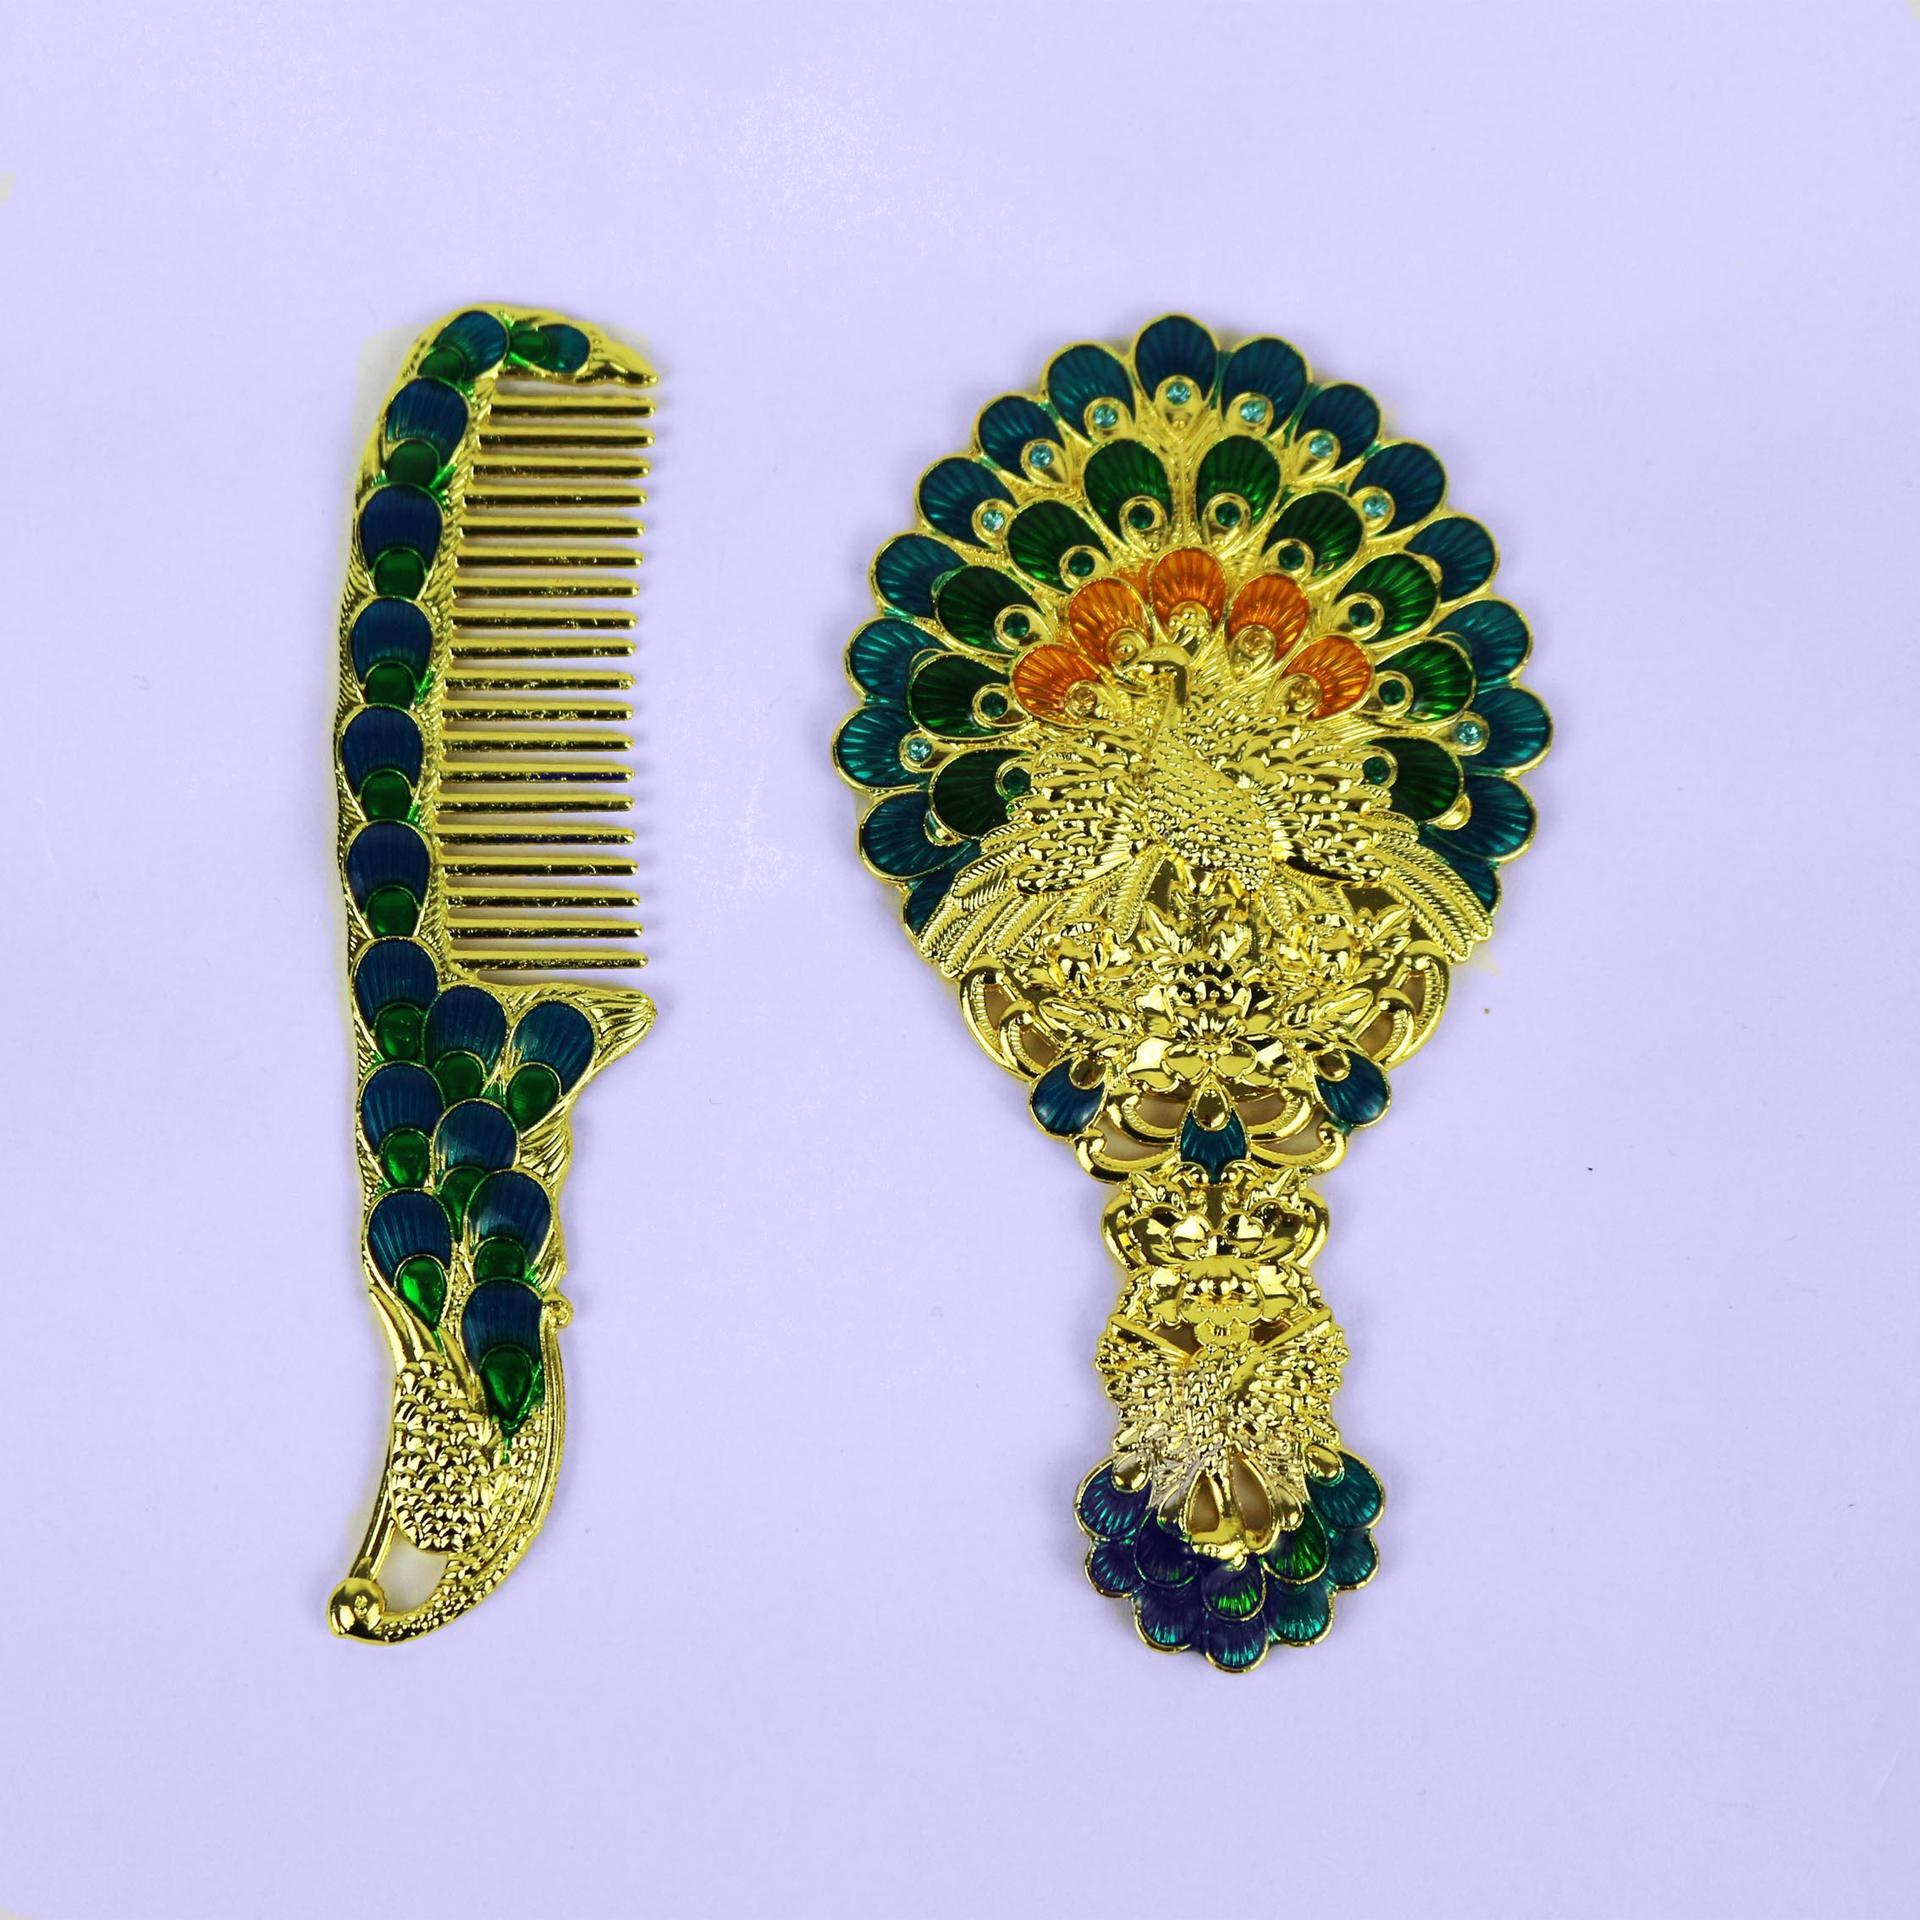 European retro peacock open mirror